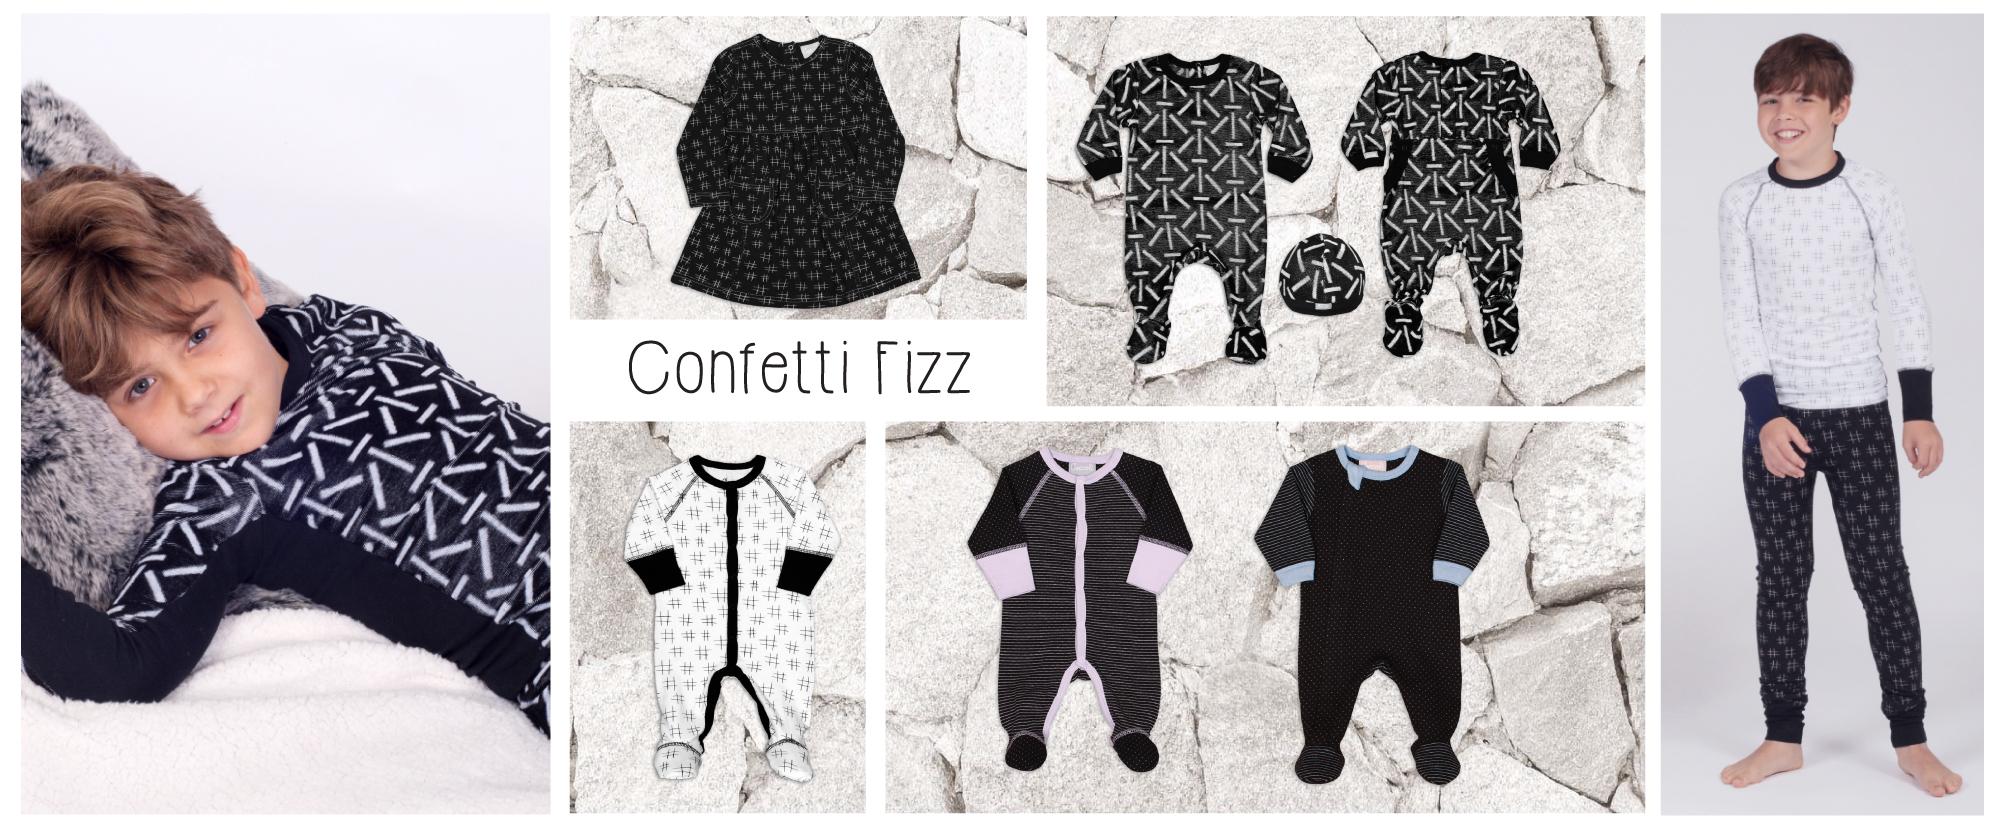 banner-confetti-fizz.jpg